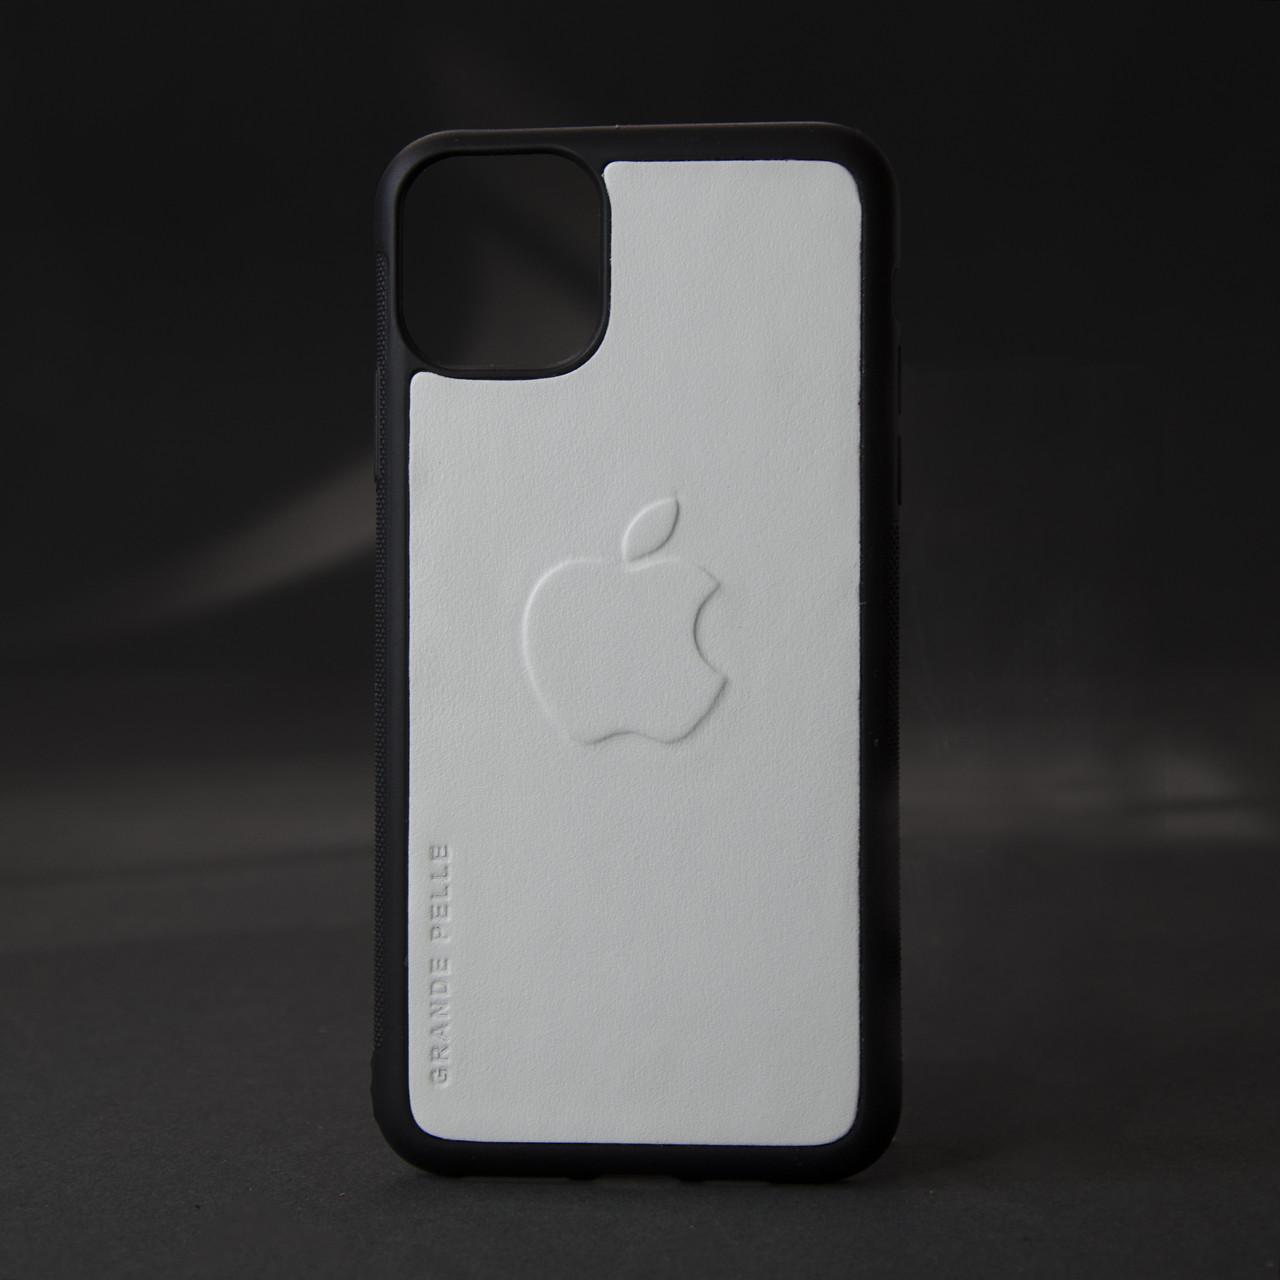 Кейс для IPhone, білий, з металевою вставкою для автотримача